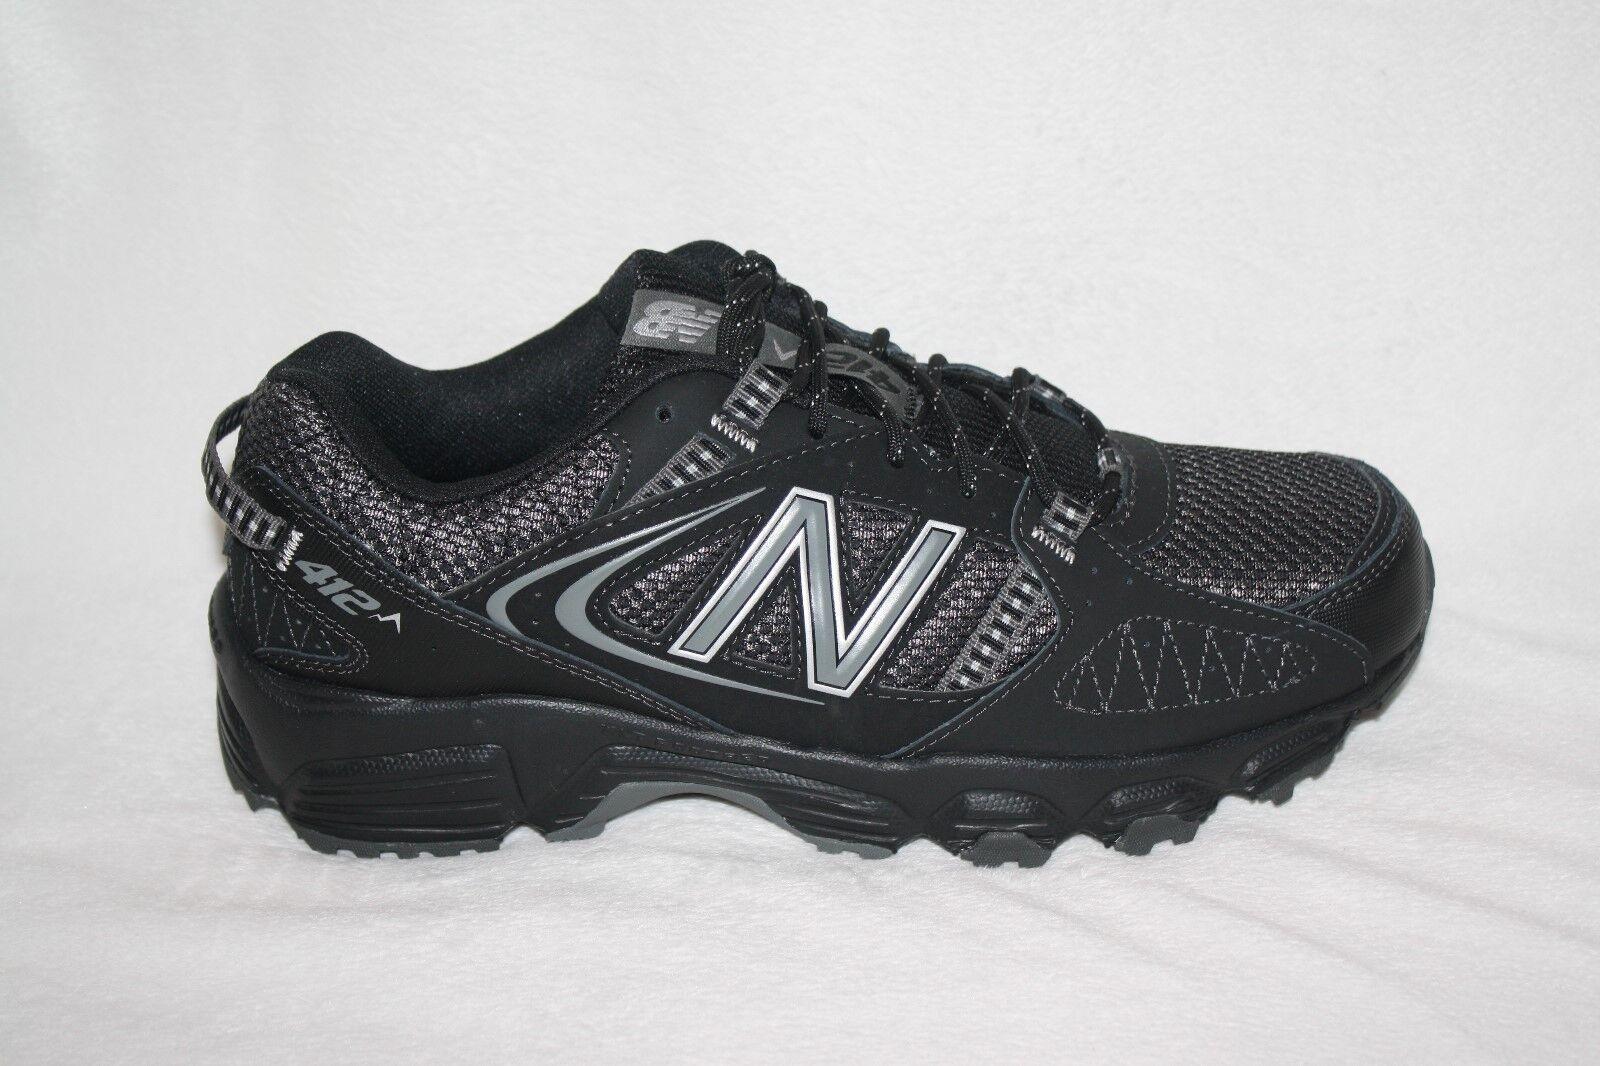 MENS NEW BALANCE 412 schwarz schwarz schwarz TENNIS schuhe US Größe 8 4E (K49) 1f0821